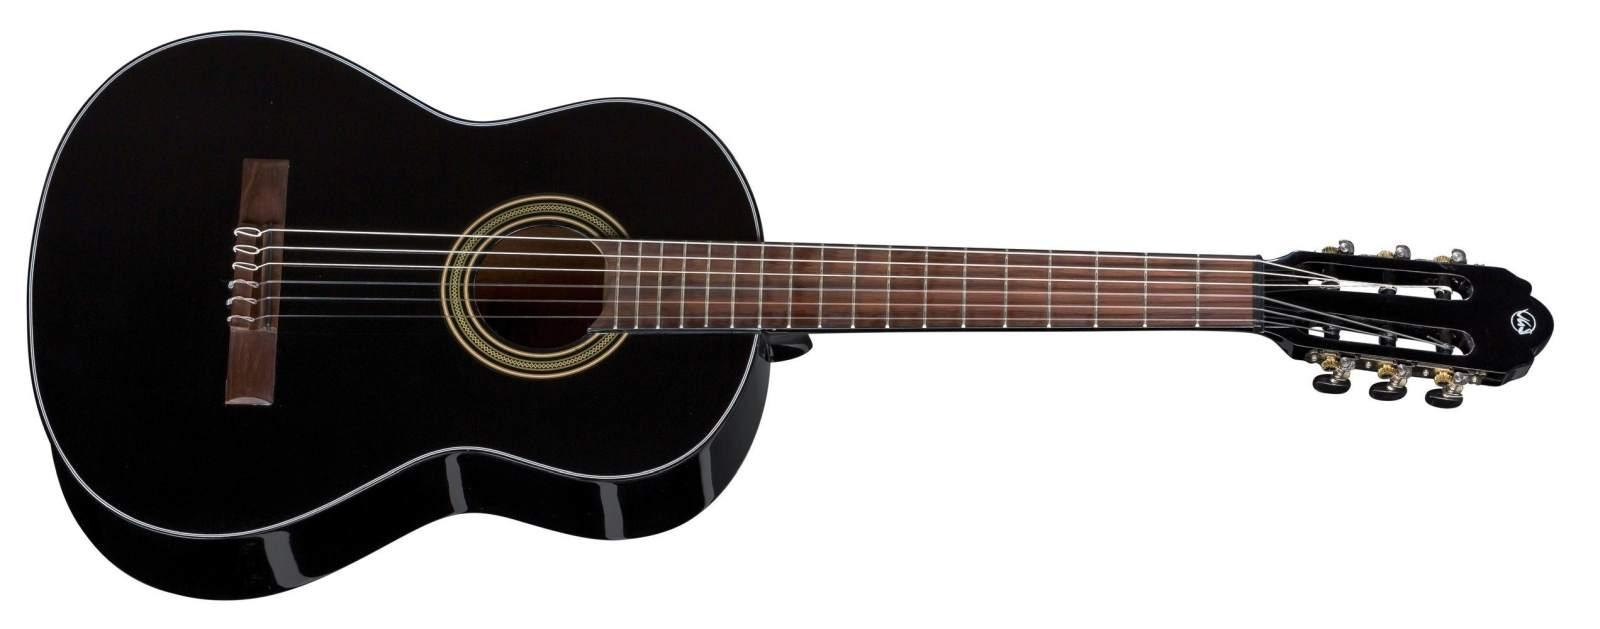 VGS Konzertgitarre 3/4 Student black